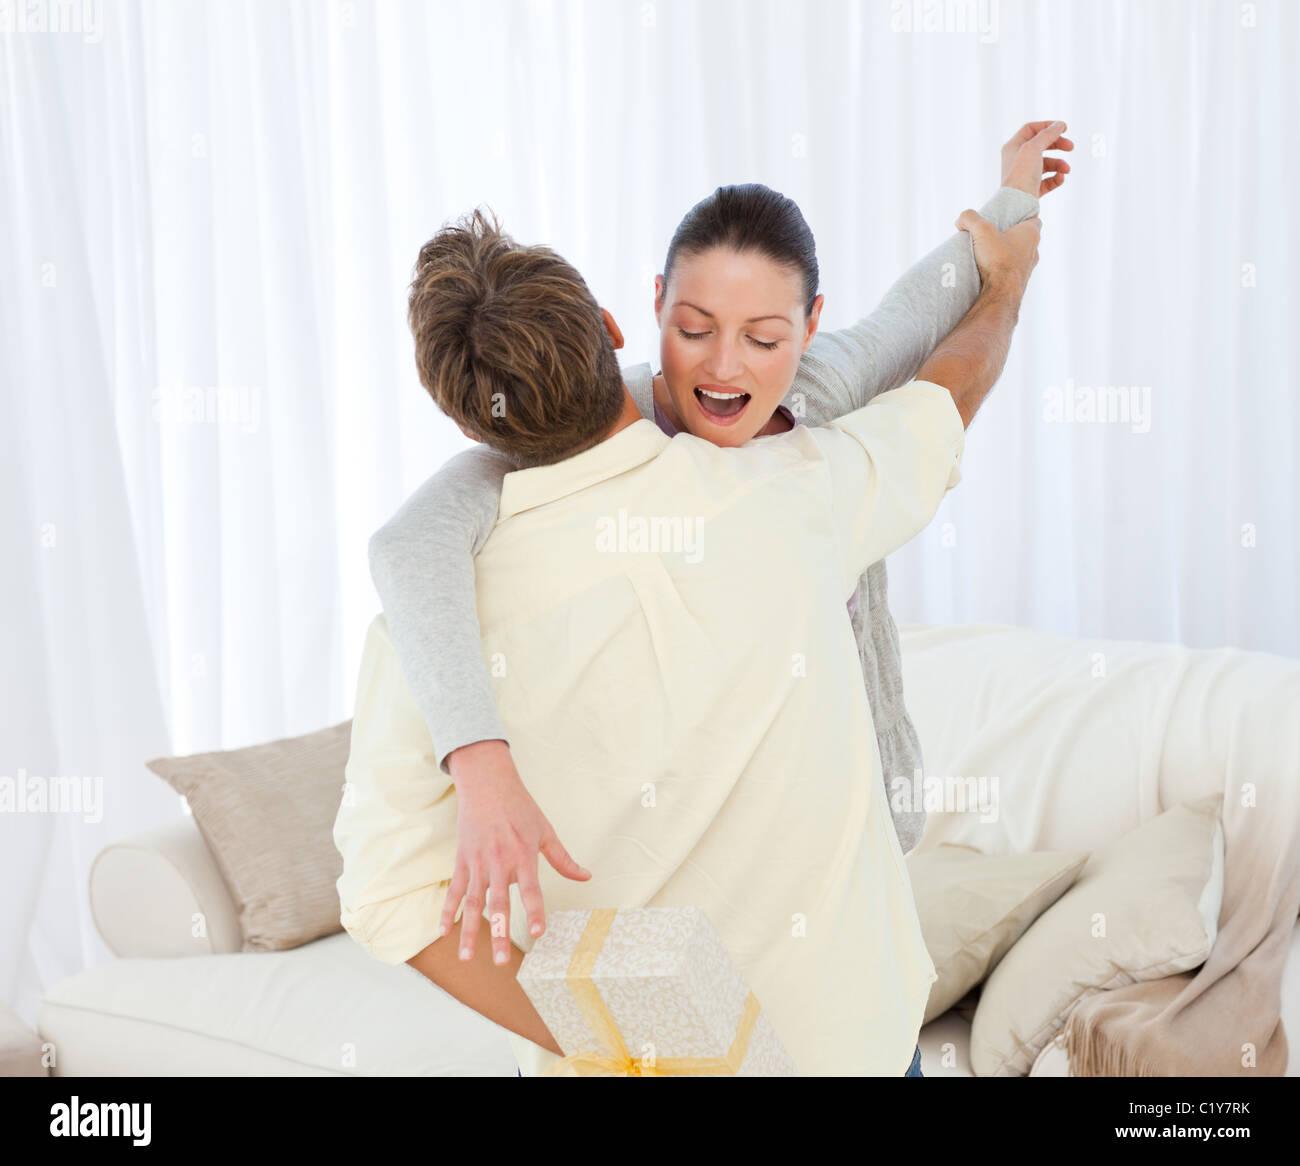 Erregte Frau Fang ein Geschenk versteckt hinter ihrem Freund Stockbild